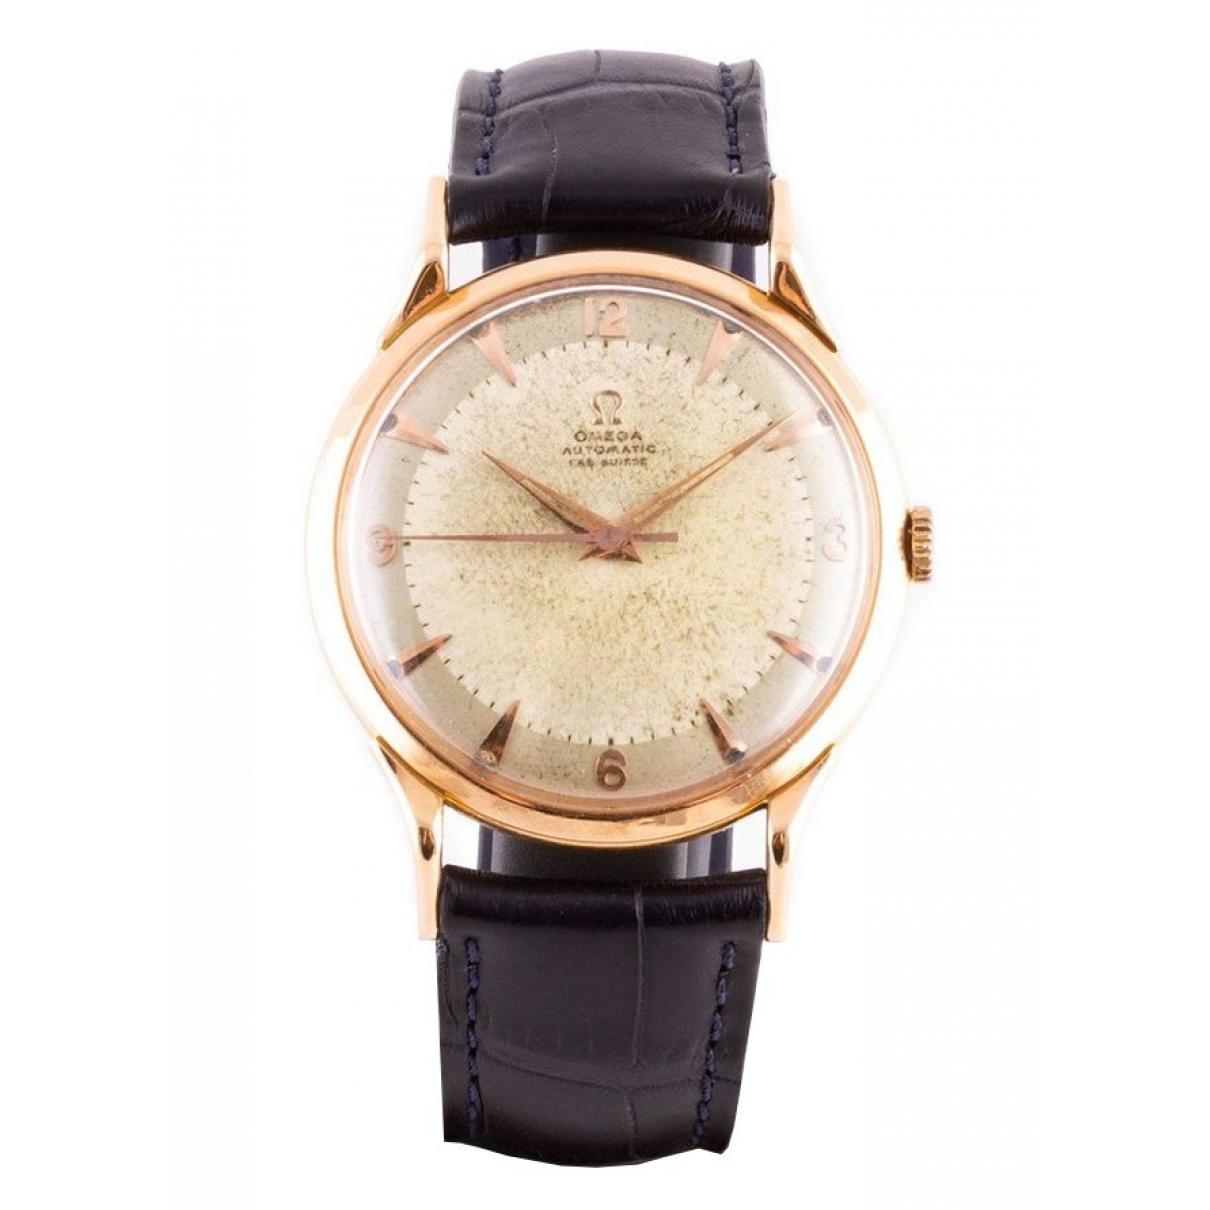 Omega \N Yellow gold watch for Women 38.5 EU